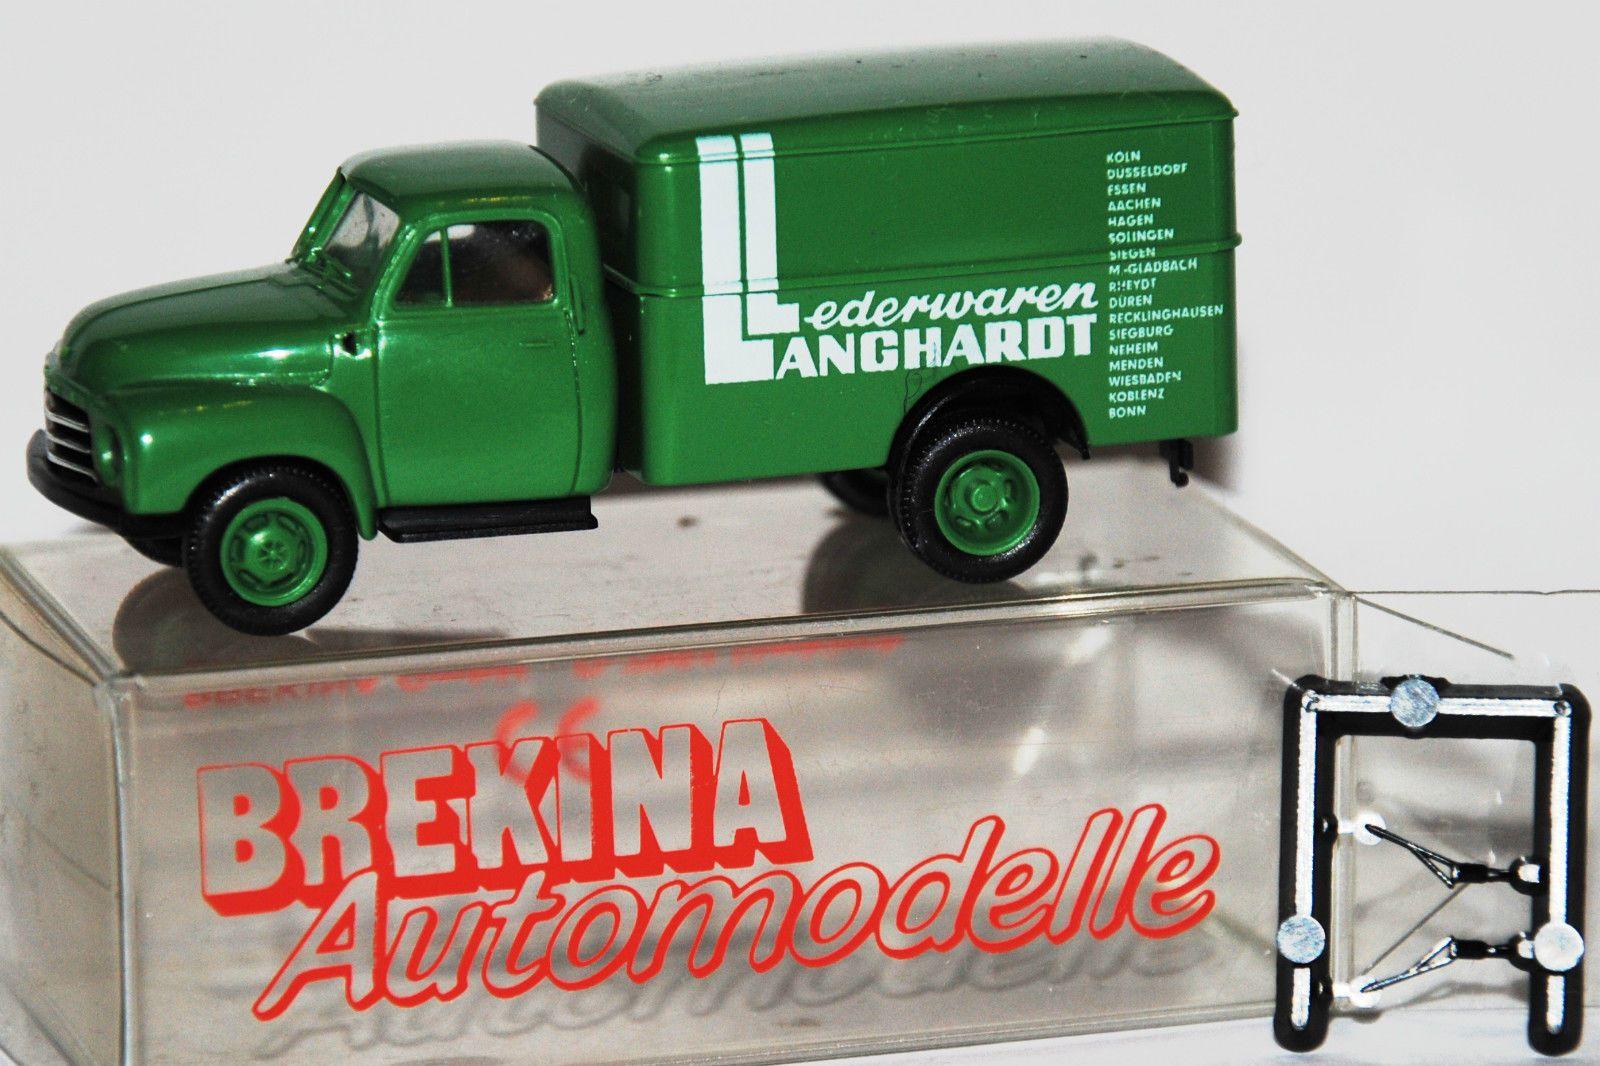 1:87 Brekina Opel Blitz Kofferaufbau Lederwaren Langhardt RAR H0 | eBay